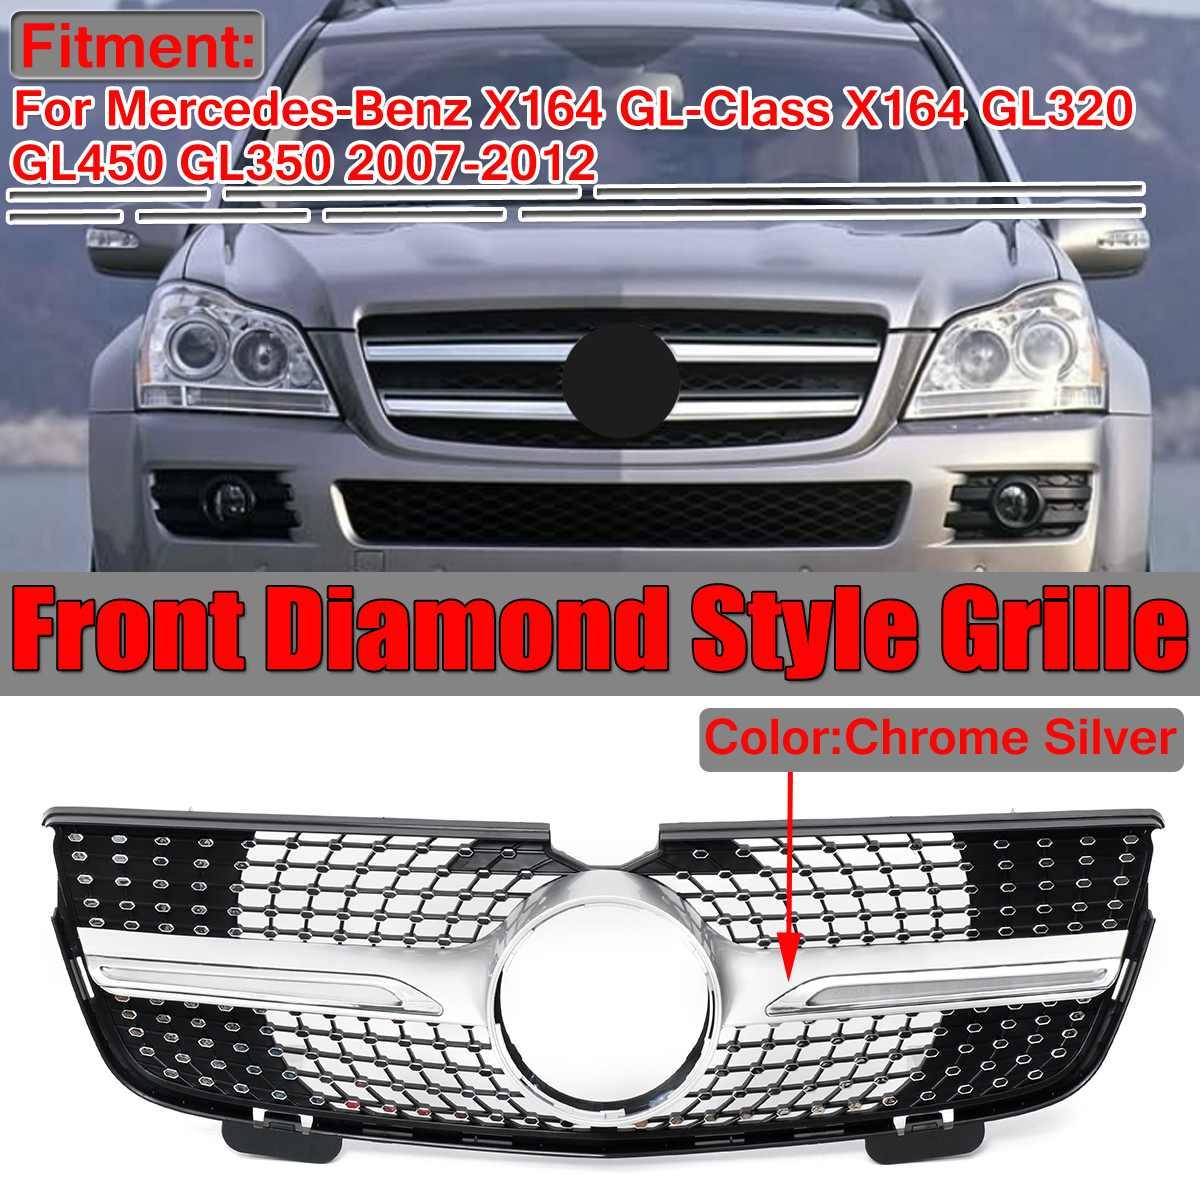 Haute qualité X164 diamant gril voiture pare-chocs avant Grille pour Mercedes ForBenz X164 GL320 GL450 GL350 2007-2012